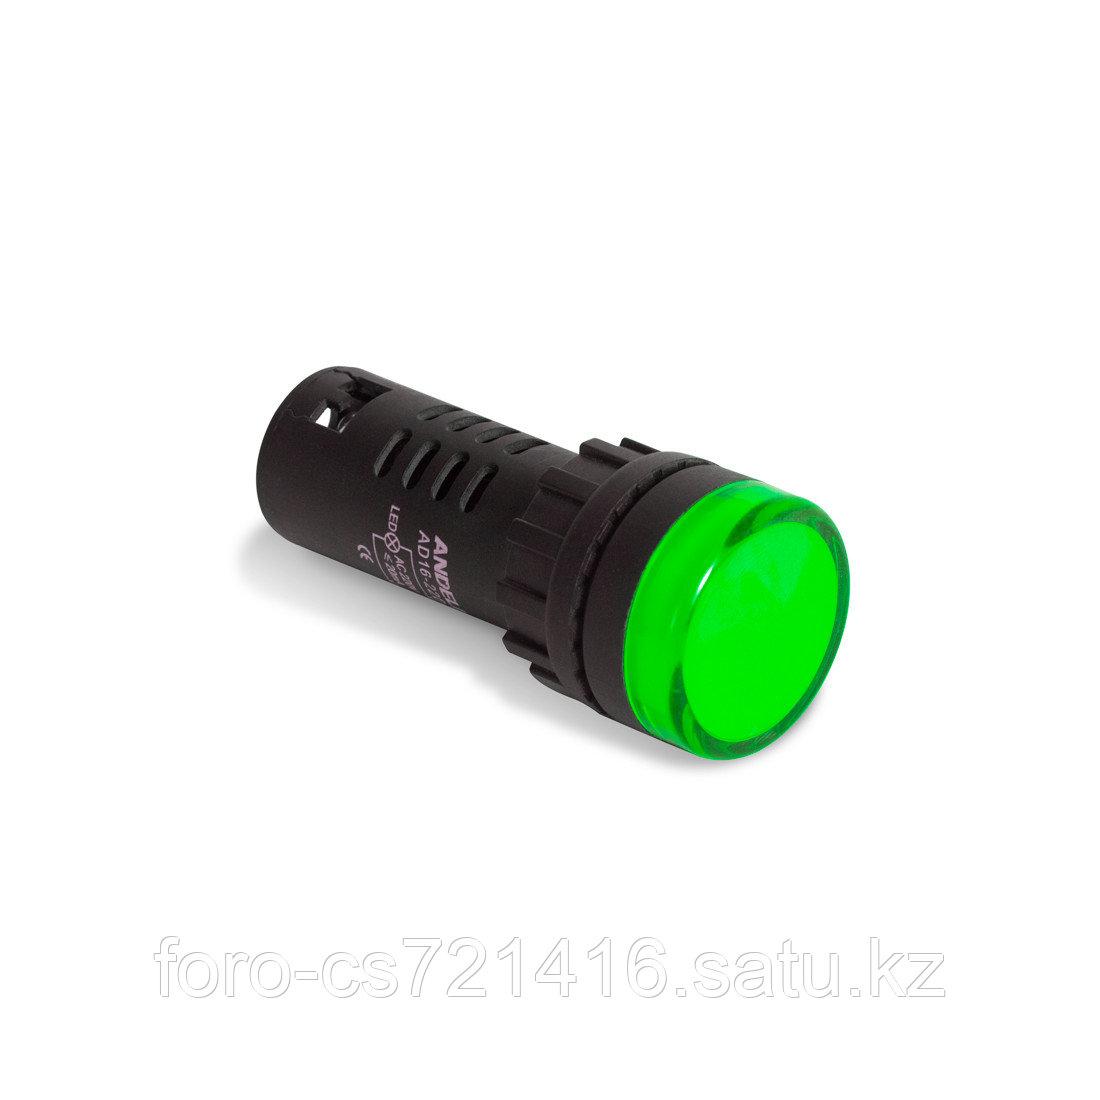 Лампа светодиодная универсальная ANDELI AD16-22D 220V AC/DC (зелёная)